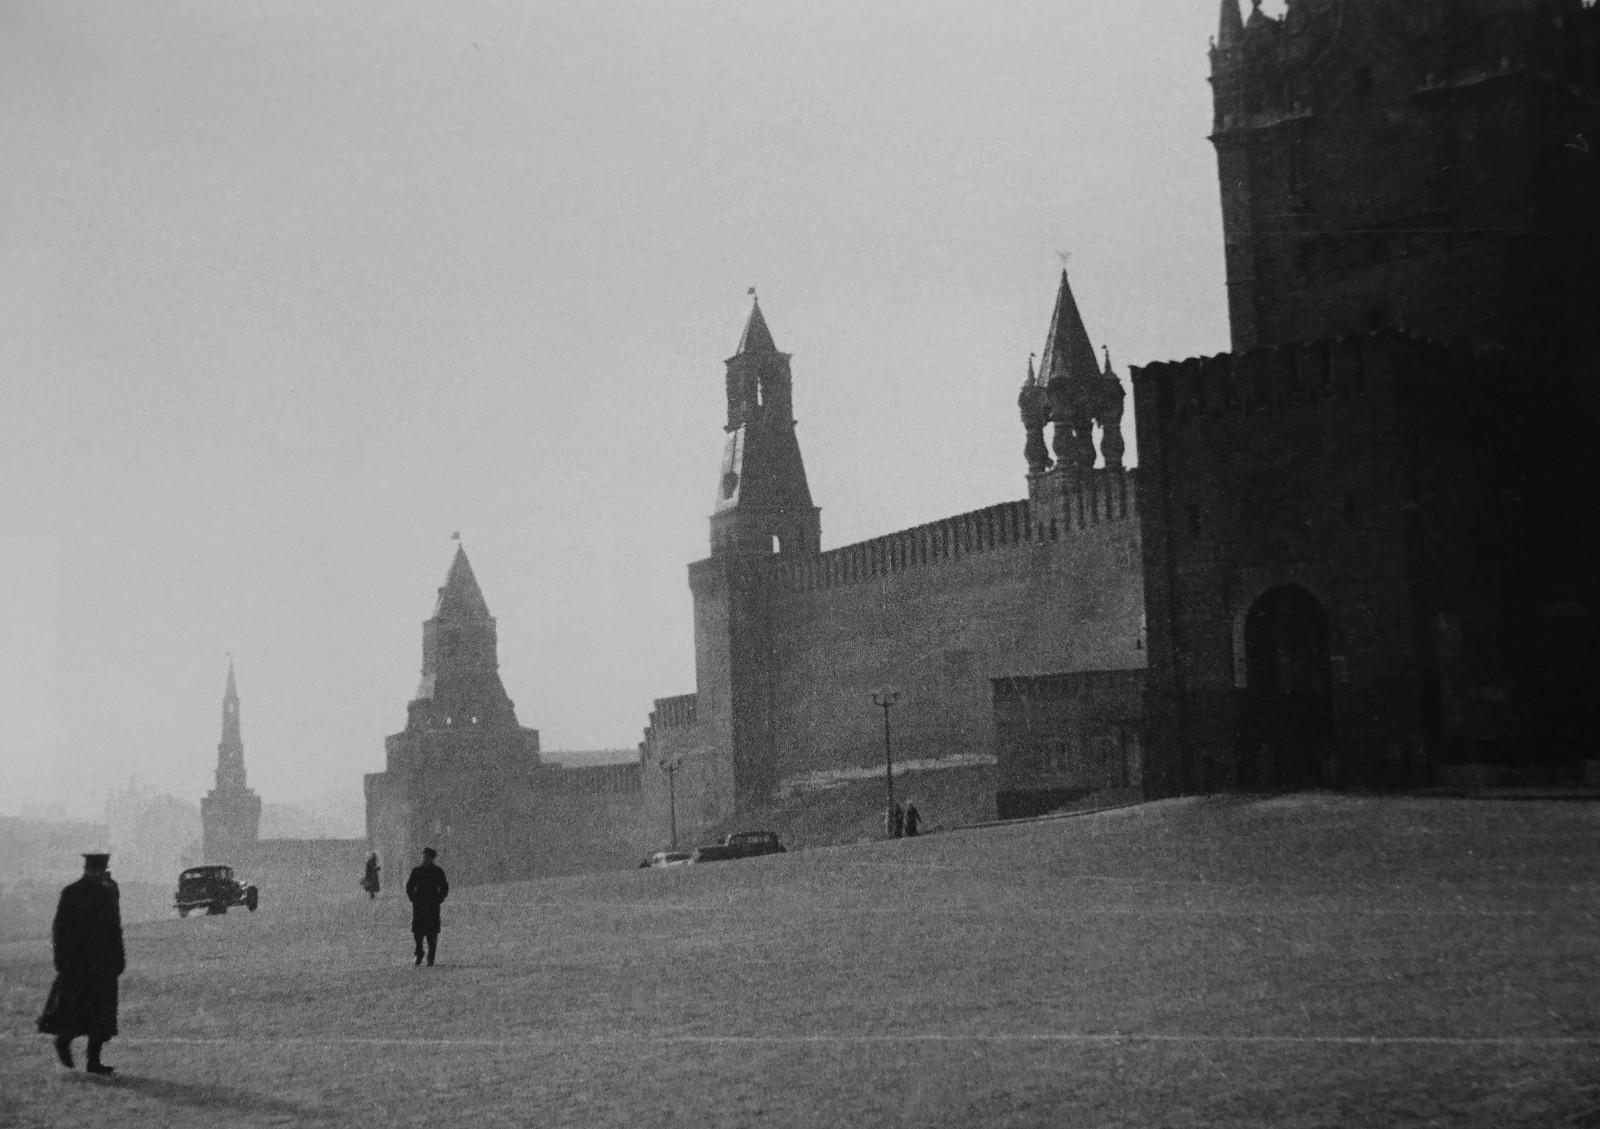 1939. Вид на Красную площадь и стену Кремля в Москве